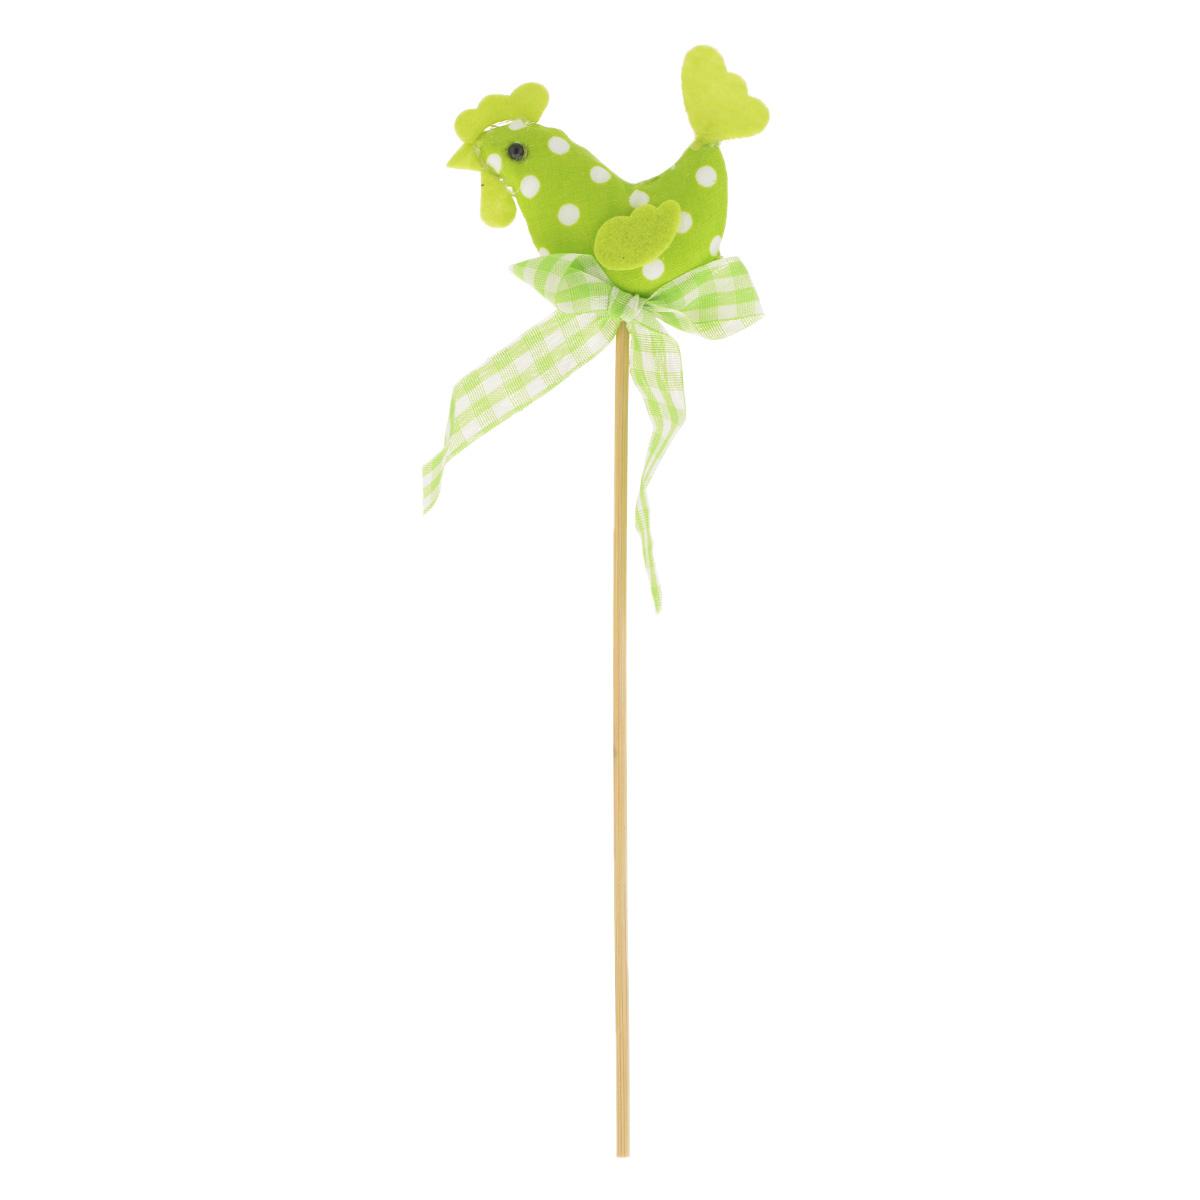 Декоративное пасхальное украшение на ножке Home Queen Петушок, цвет: зеленый, высота 25 см64392_4Украшение пасхальное Home Queen Петушок изготовлено из высококачественного полиэстера и предназначено для украшения праздничного стола. Украшение выполнено в виде петушка на деревянной шпажке и украшено текстильным бантом. Такое украшение прекрасно дополнит подарок для друзей и близких на Пасху. Высота: 25 см. Размер фигурки: 7,5 см х 1,5 см х 5,5 см.